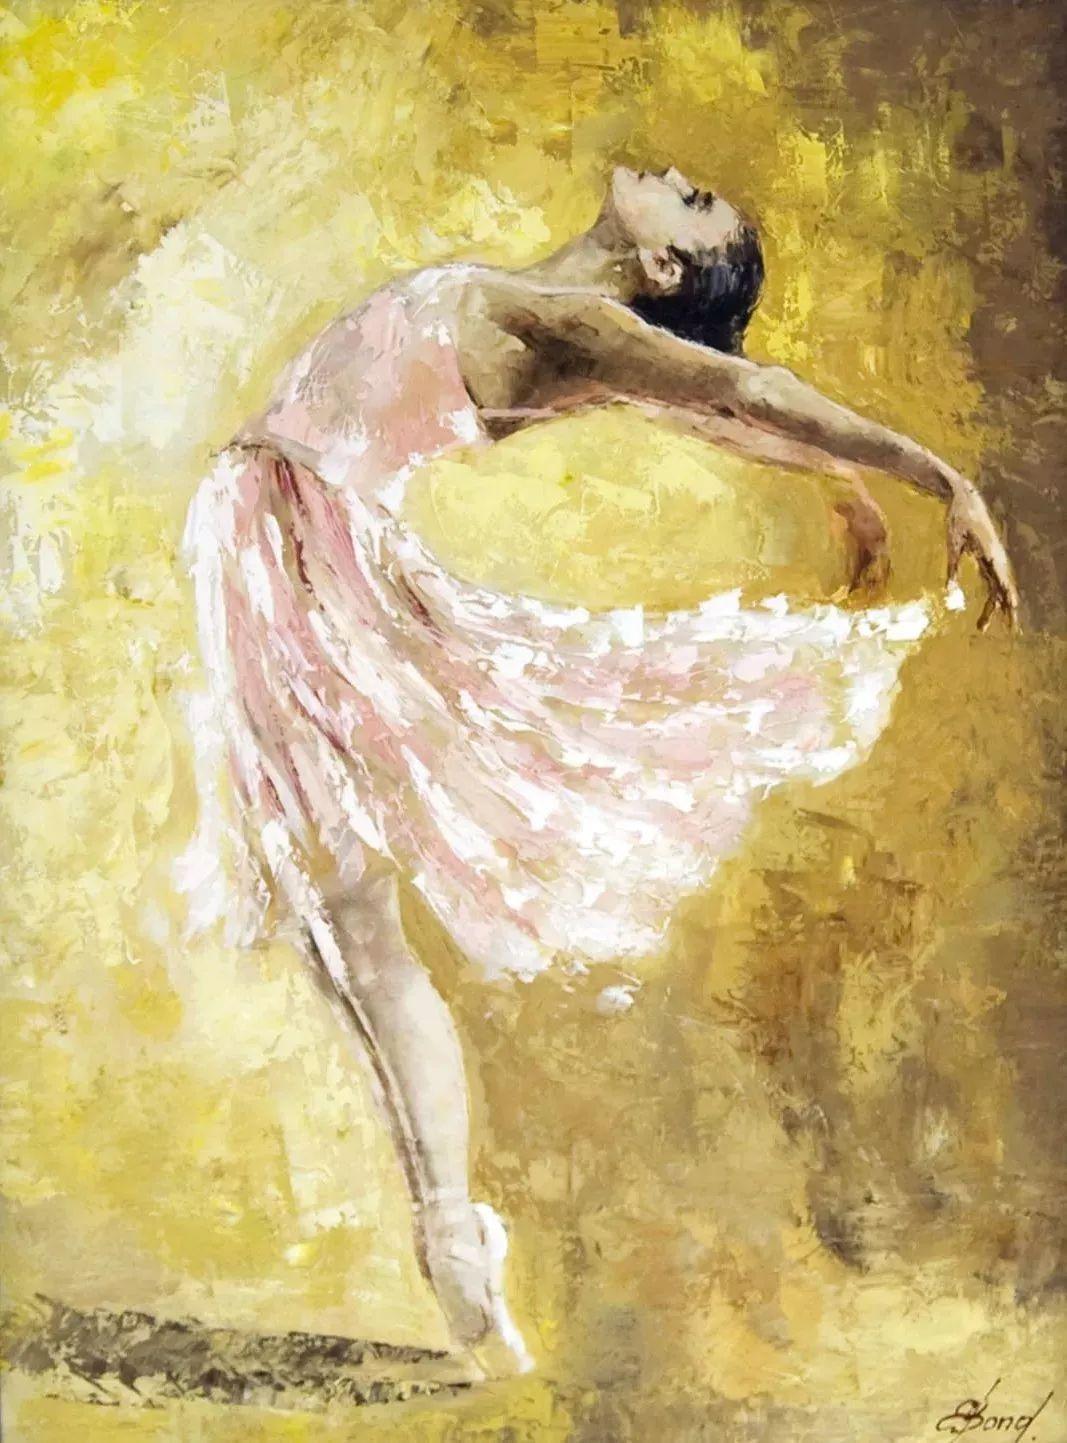 三位画家对女性的美诠释:或温婉含蓄,或妩媚娇艳,或律动健康插图24